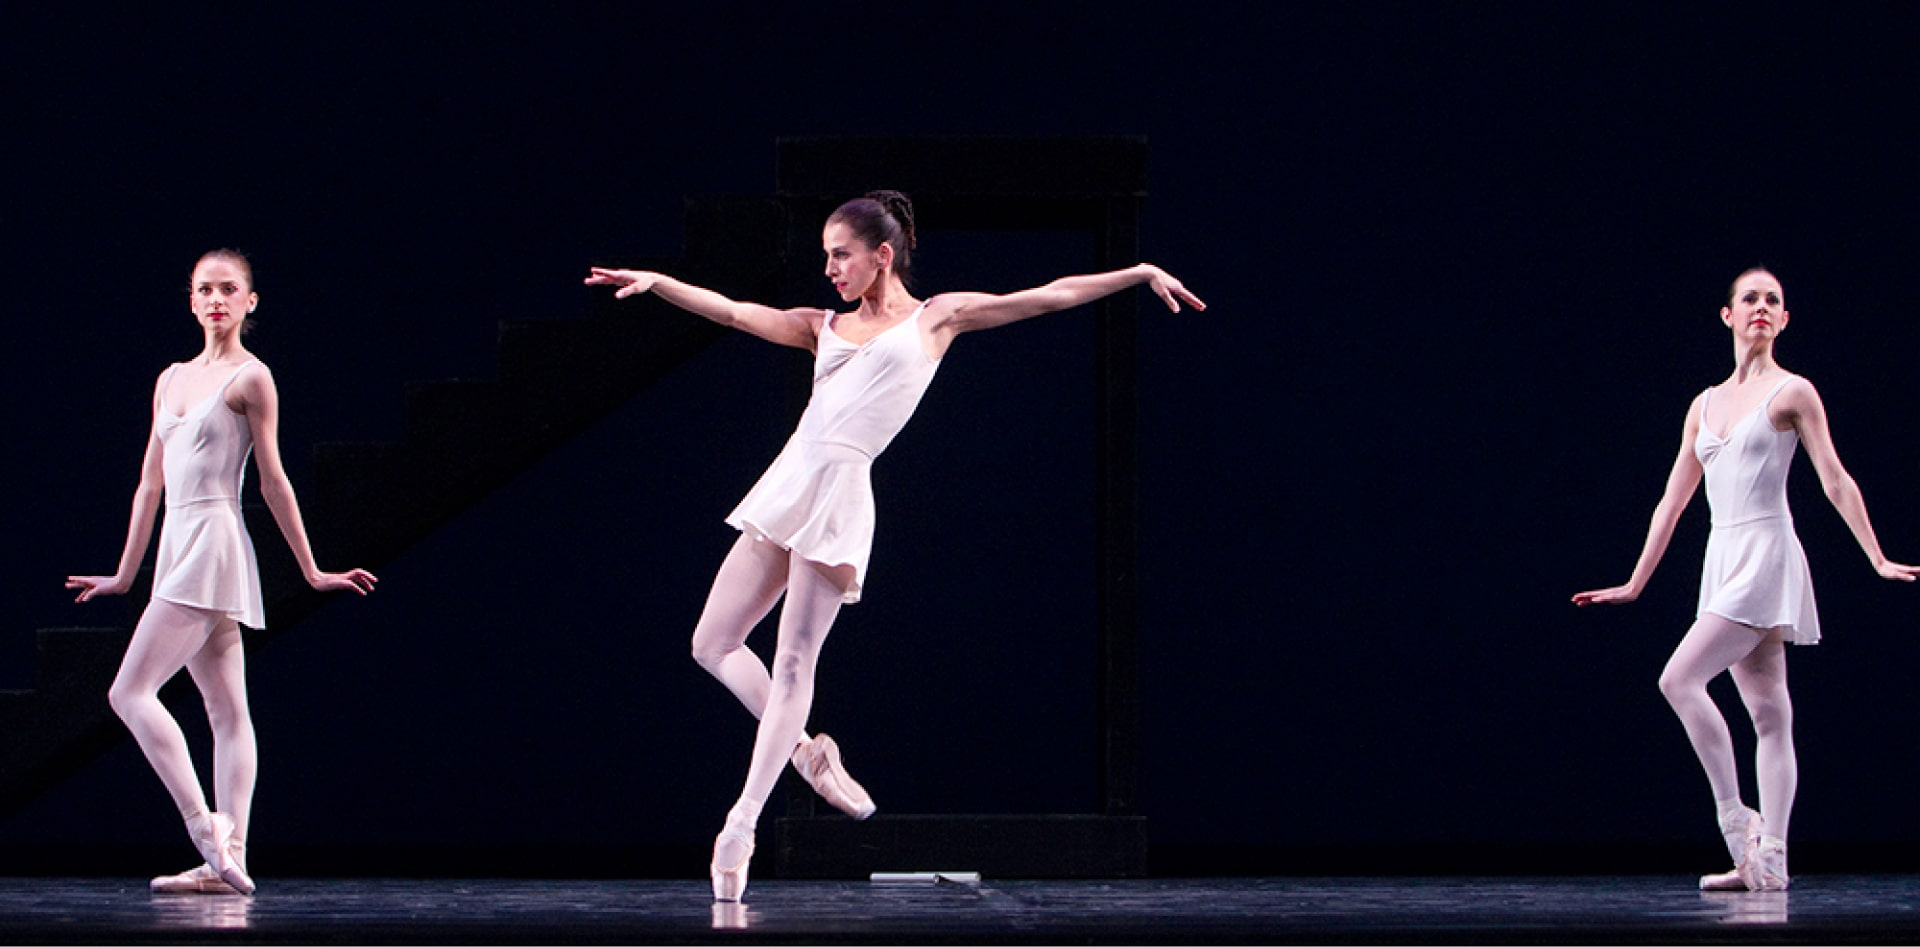 Three ballerinas in short white dresses hold angular poses against dark blue background.